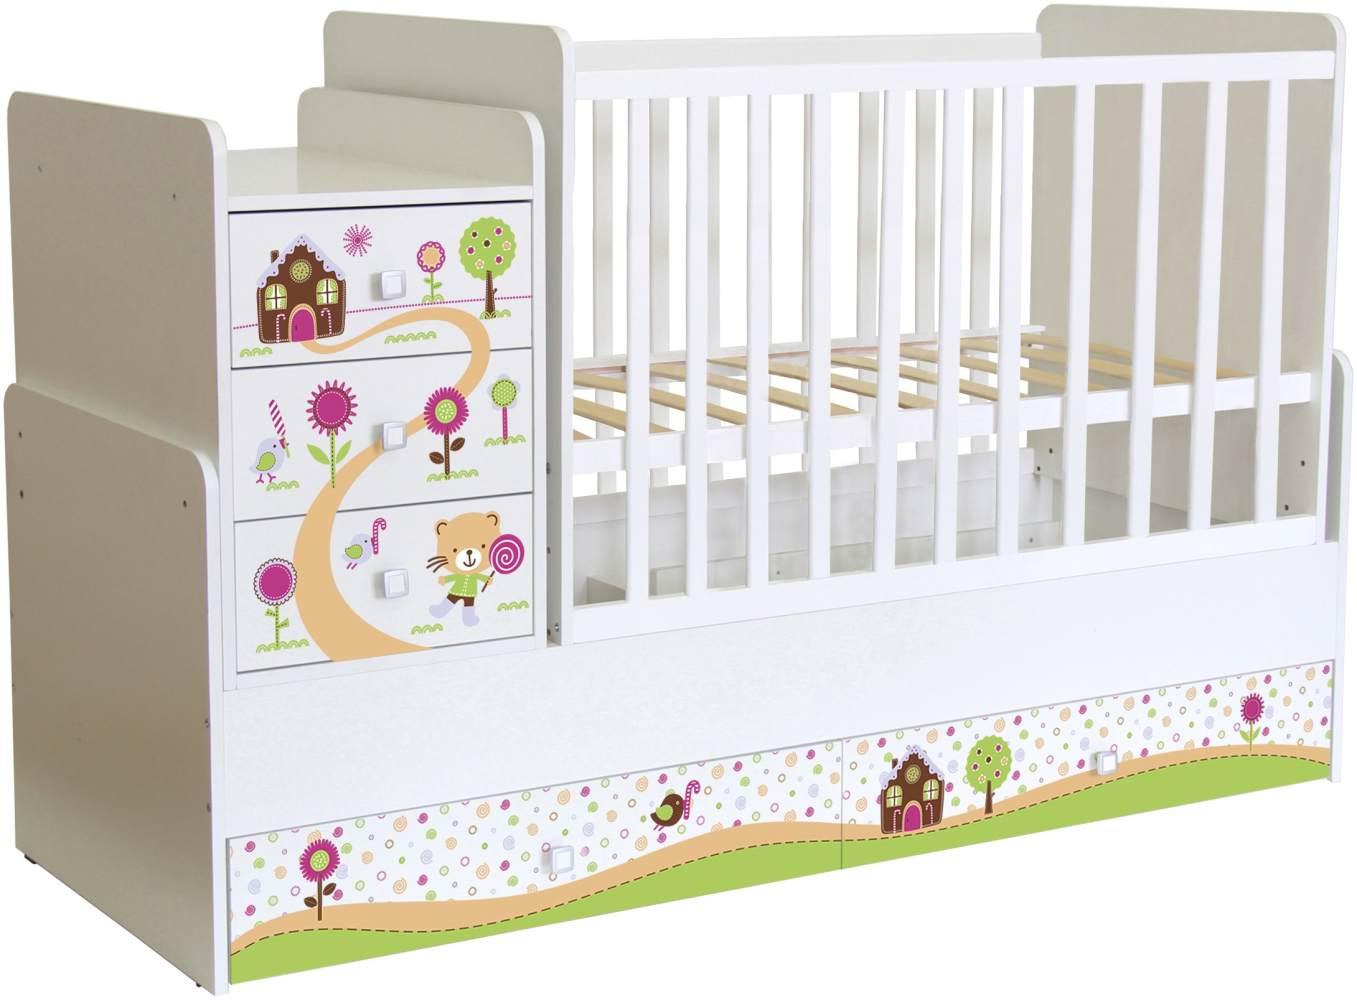 Polini Kids 'Simple 1100' Kombi-Kinderbett 60 x 120/170 cm, weiß, Zuckerhaus, höhenverstellbar, mit Schaukelfunktion, inkl. Kommode Bild 1